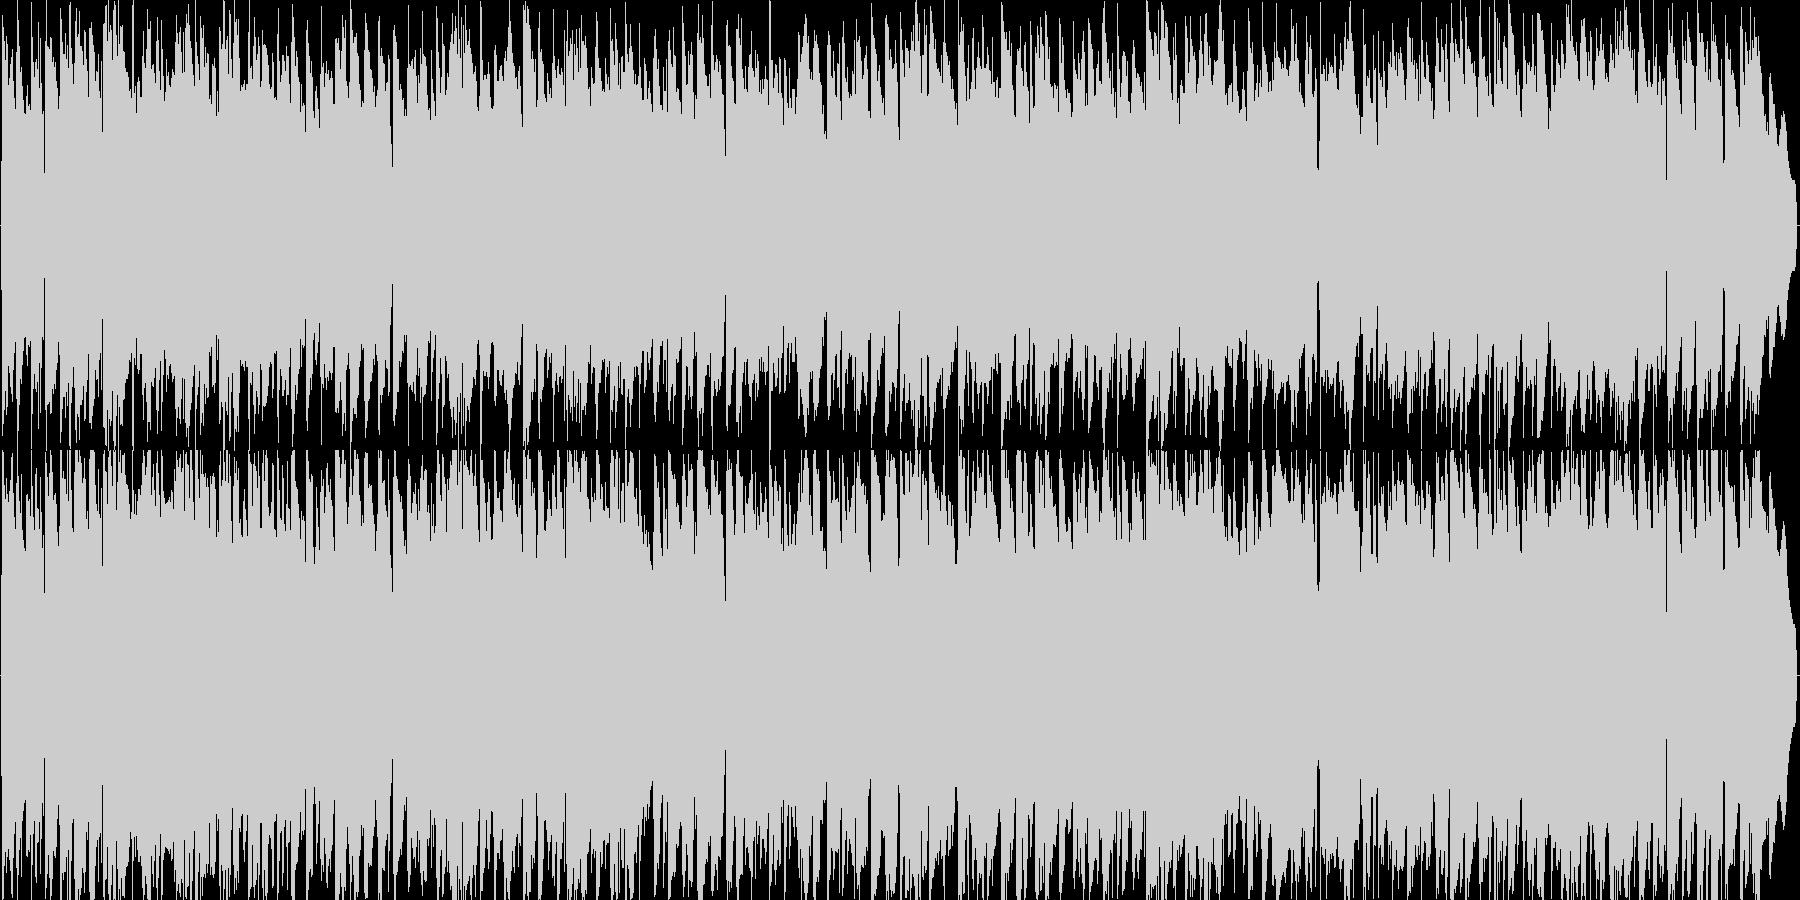 夏の海辺のラジオ音楽のようなBGM。の未再生の波形